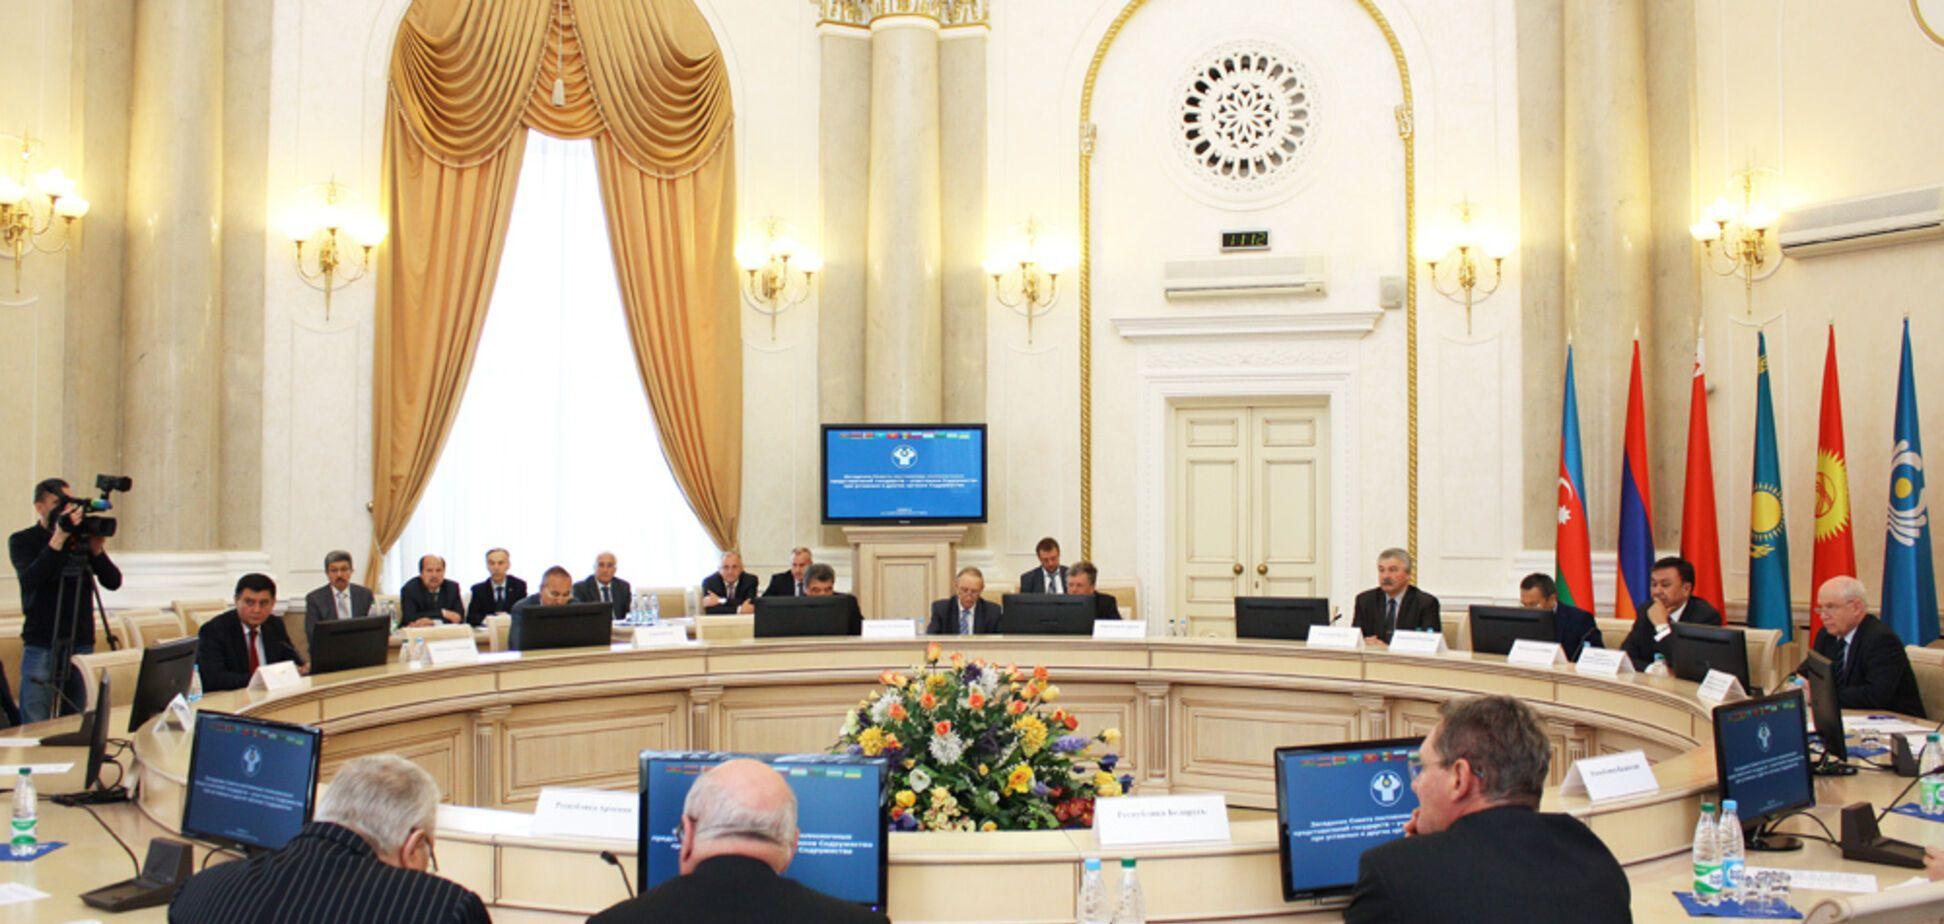 Україна висуне низку жорстких вимог у Мінську: що відомо